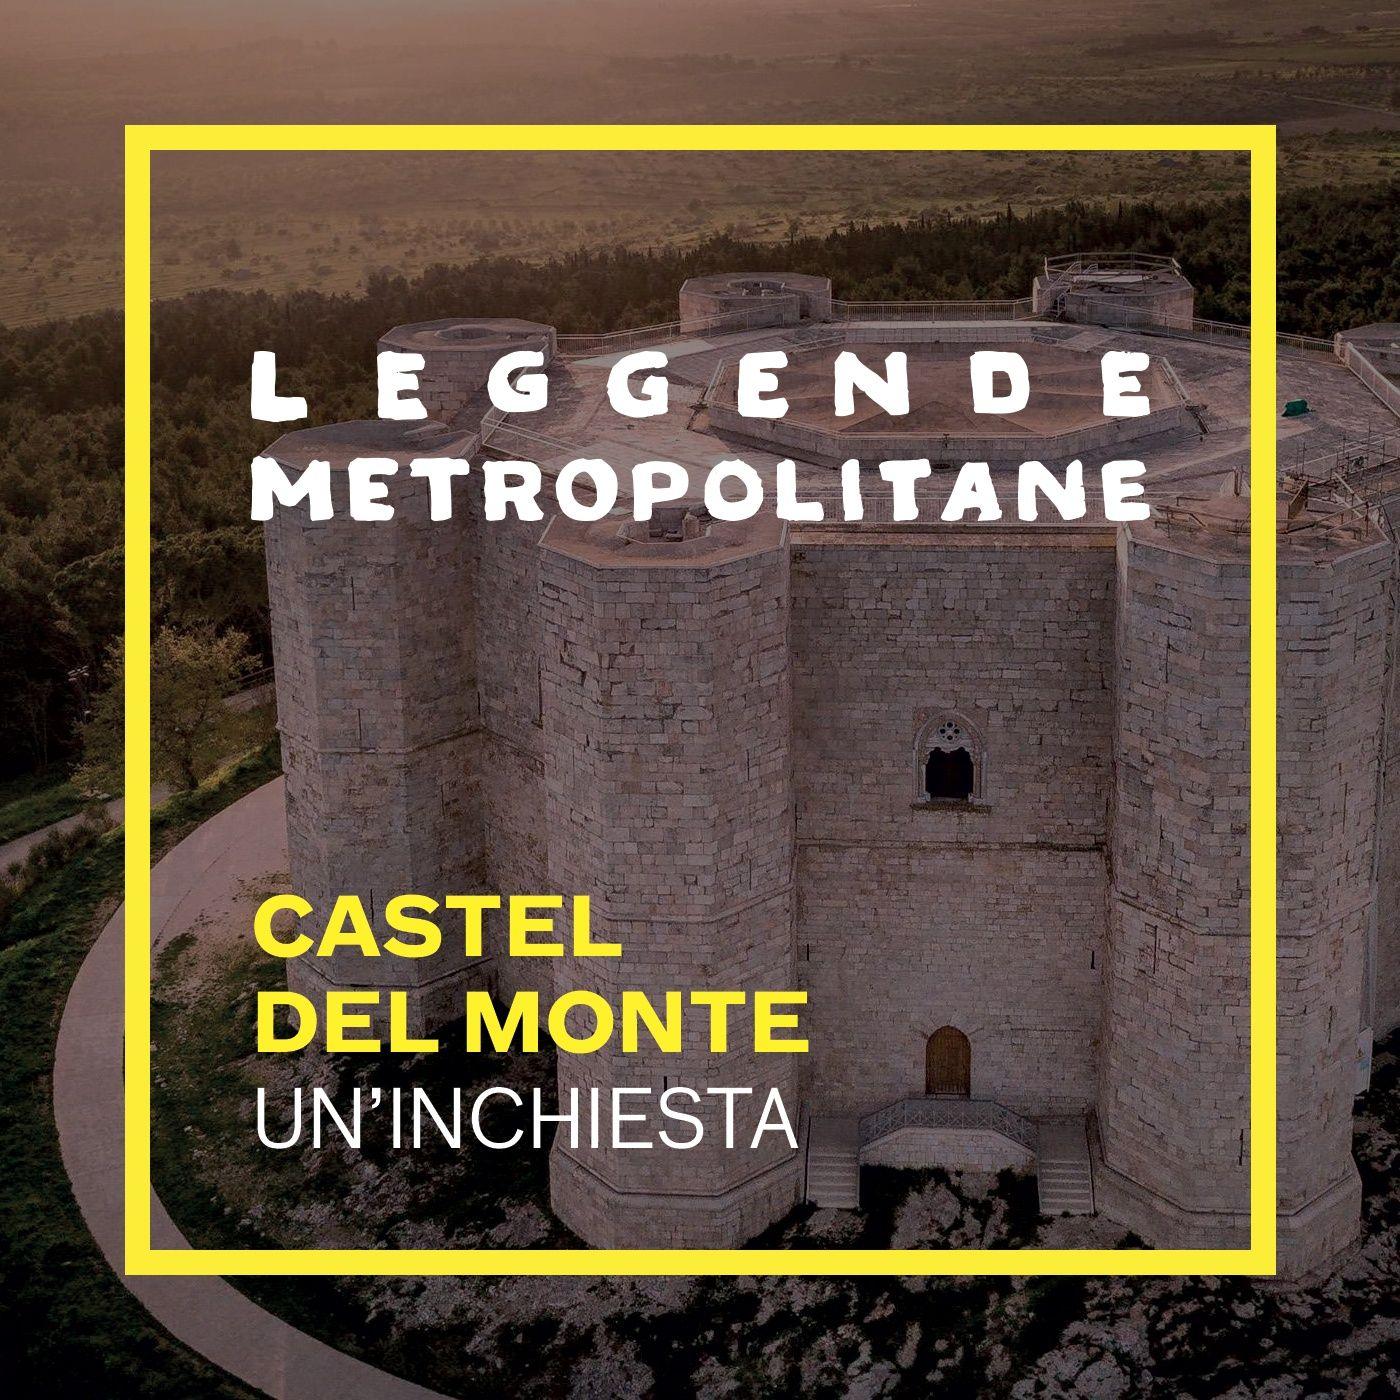 Gli enigmi di Castel del Monte | #20